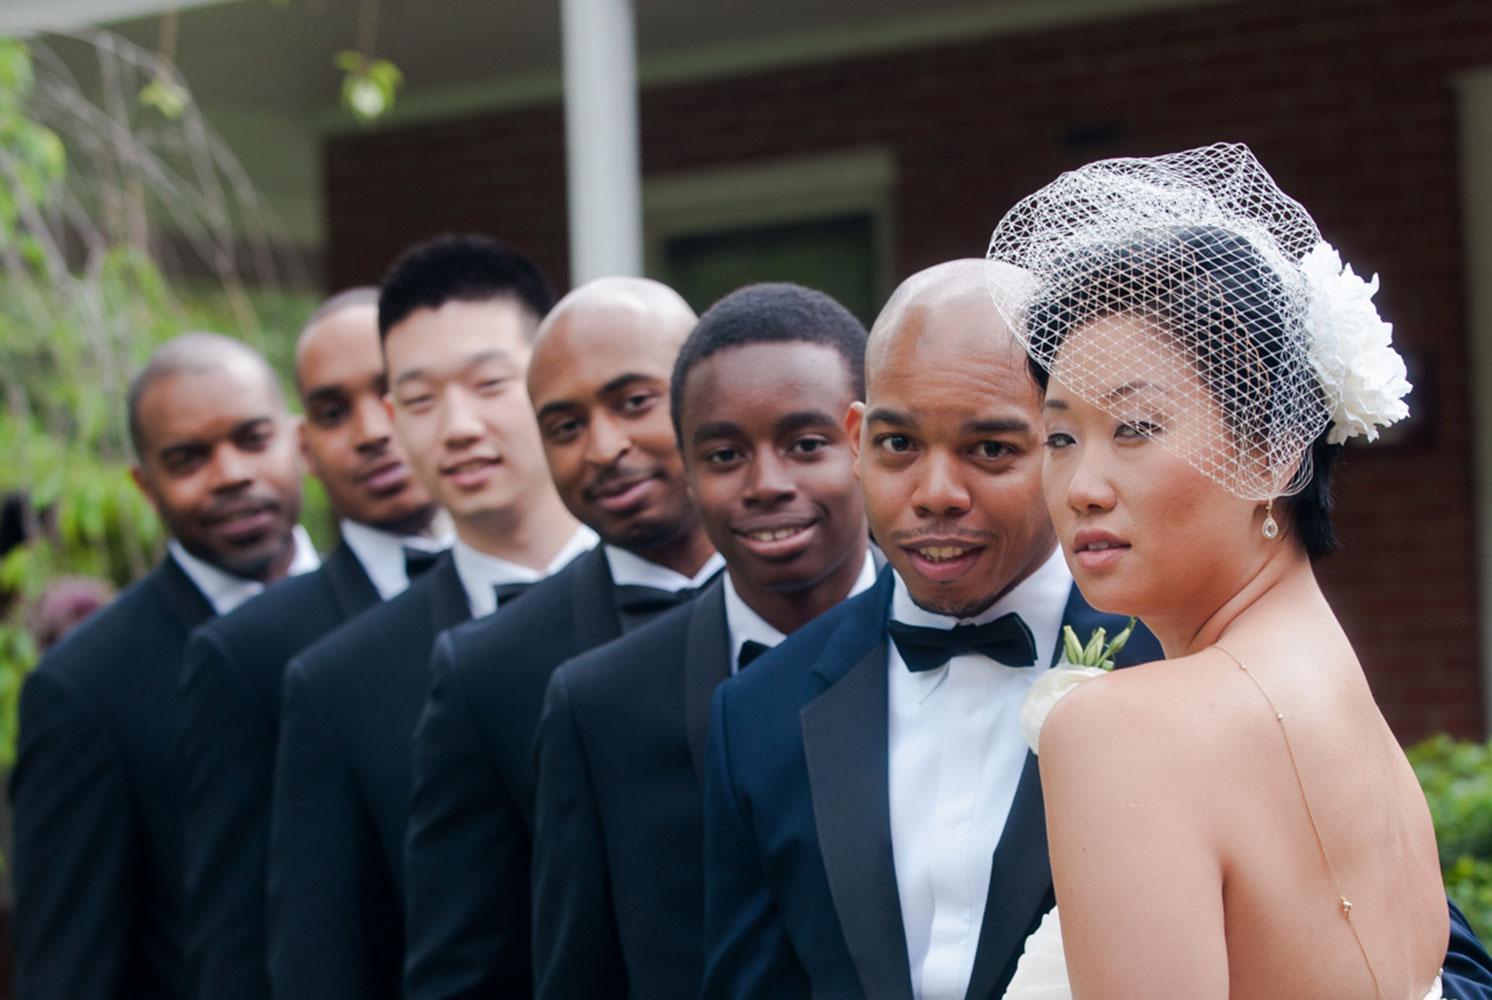 Reginald Warren Korean American Wedding Planner